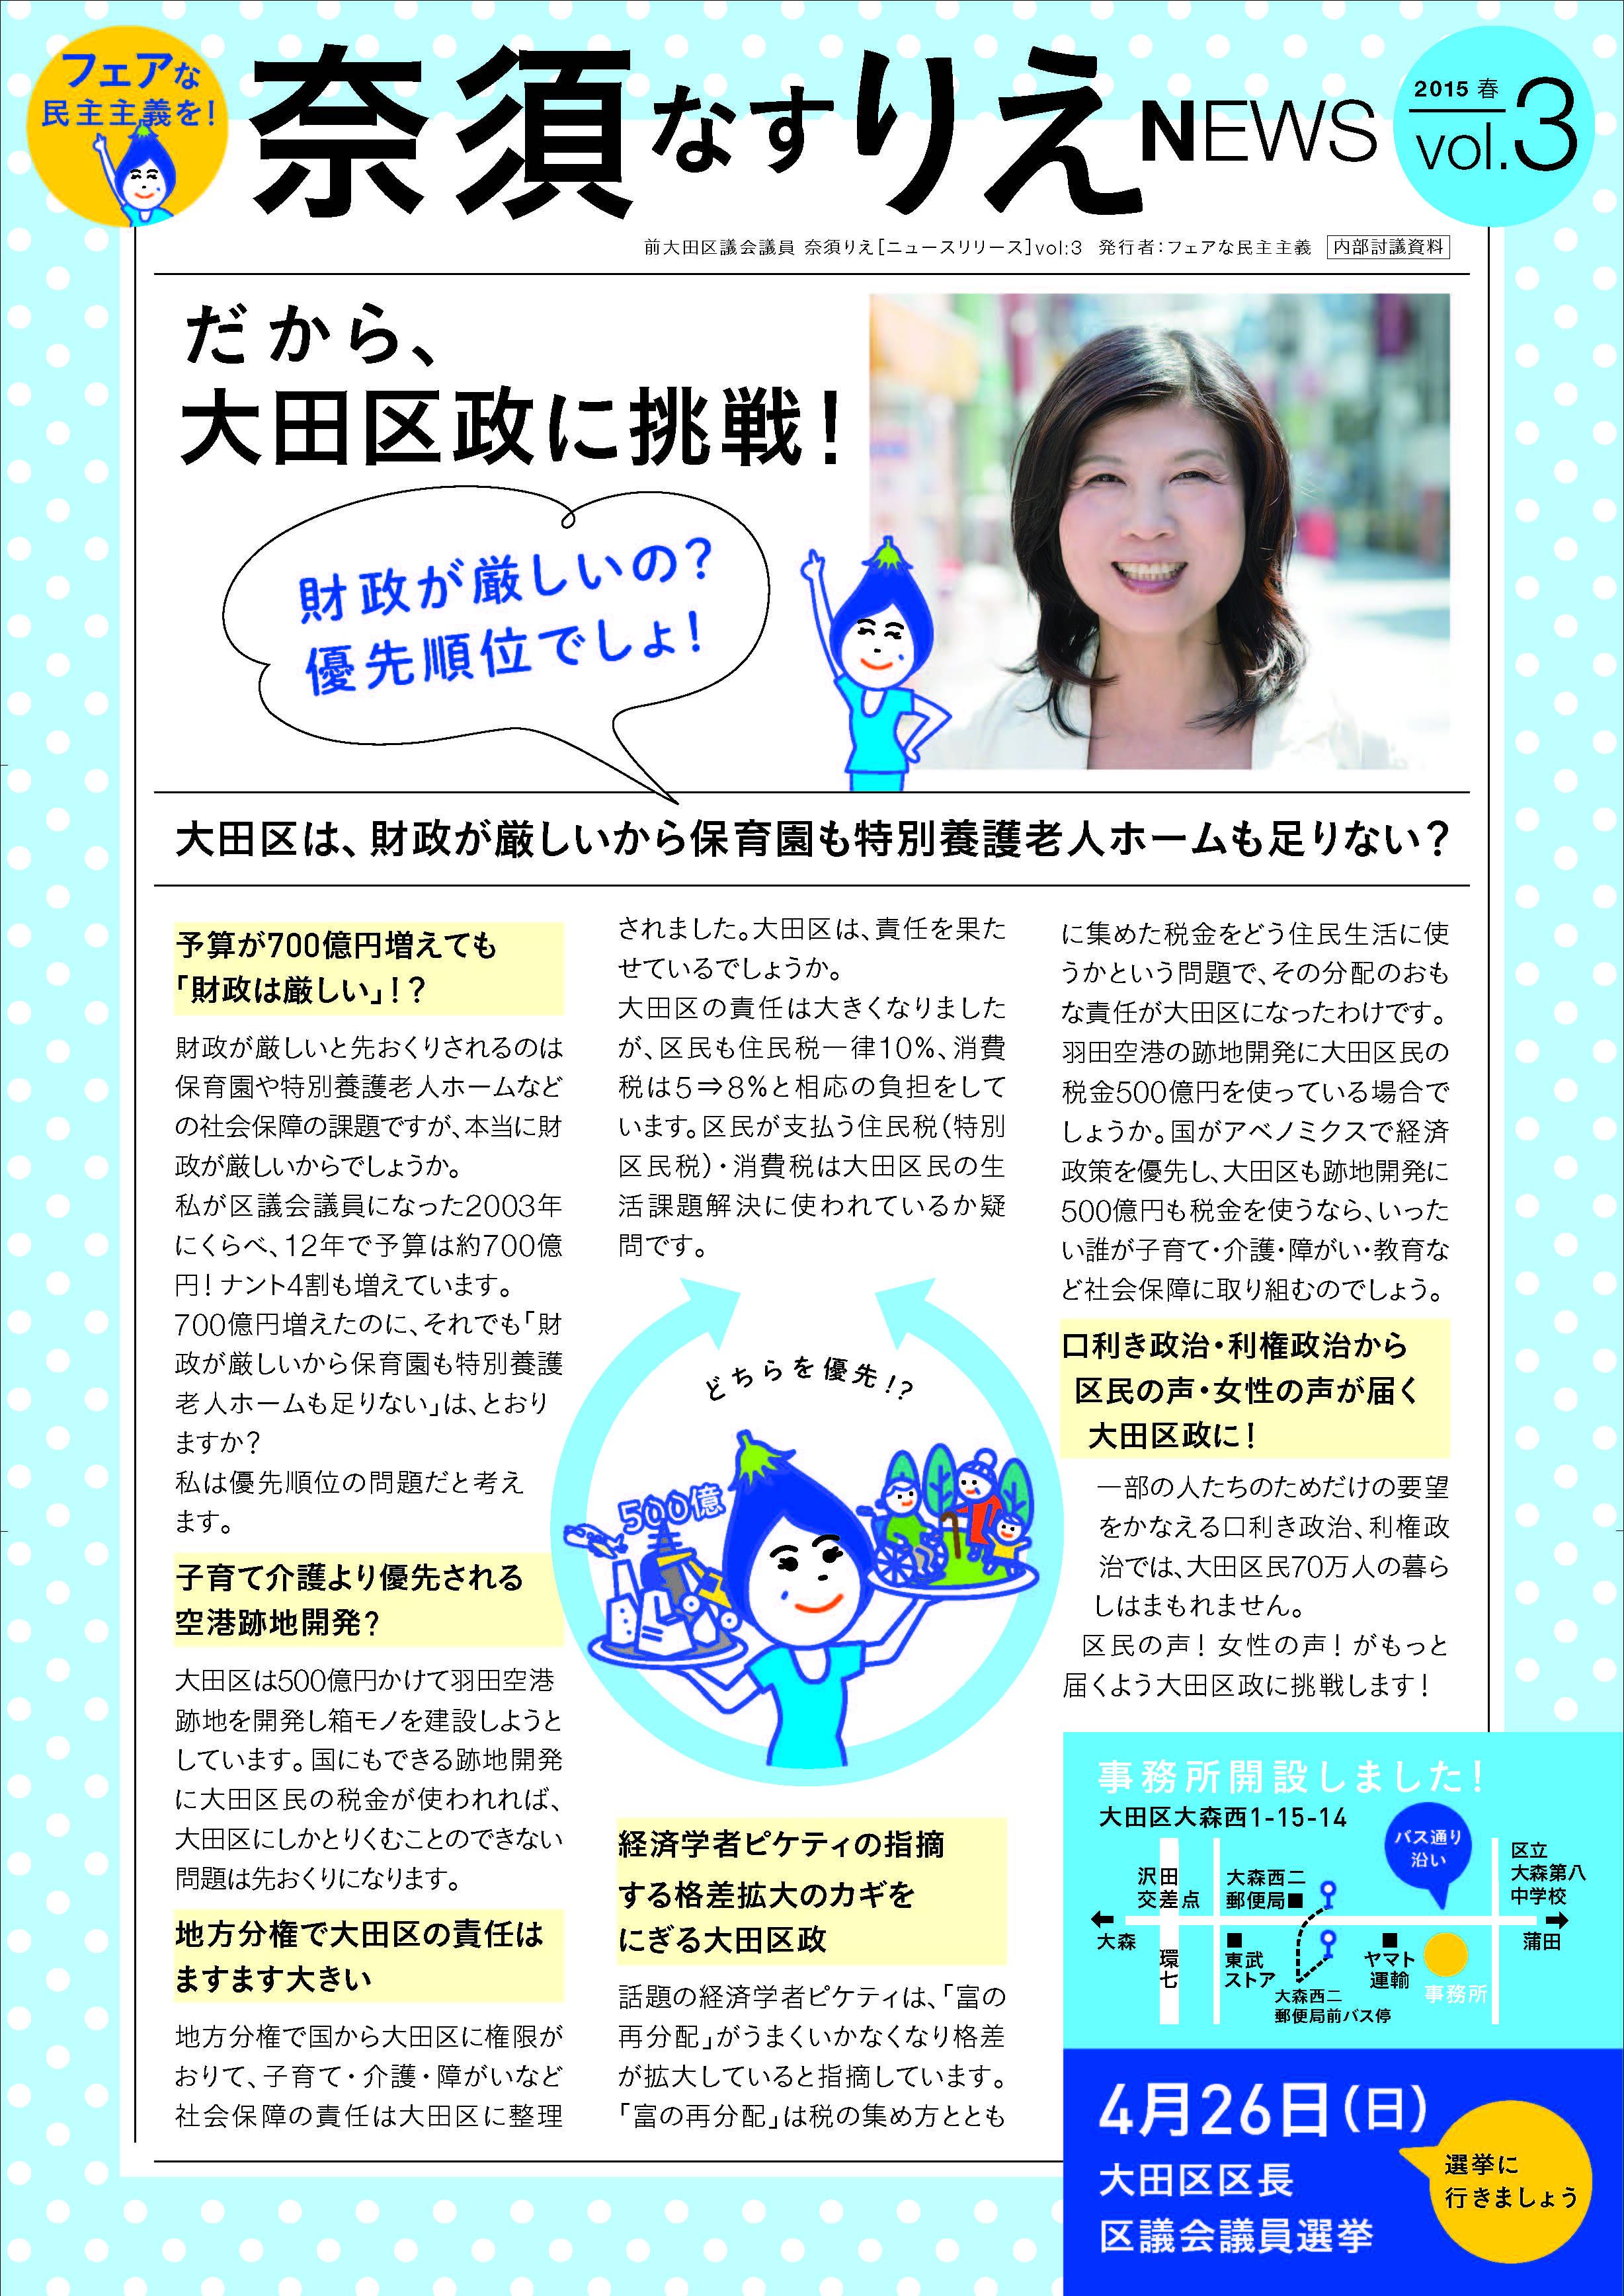 201503奈須News_v03_0311 (1)_ページ_1